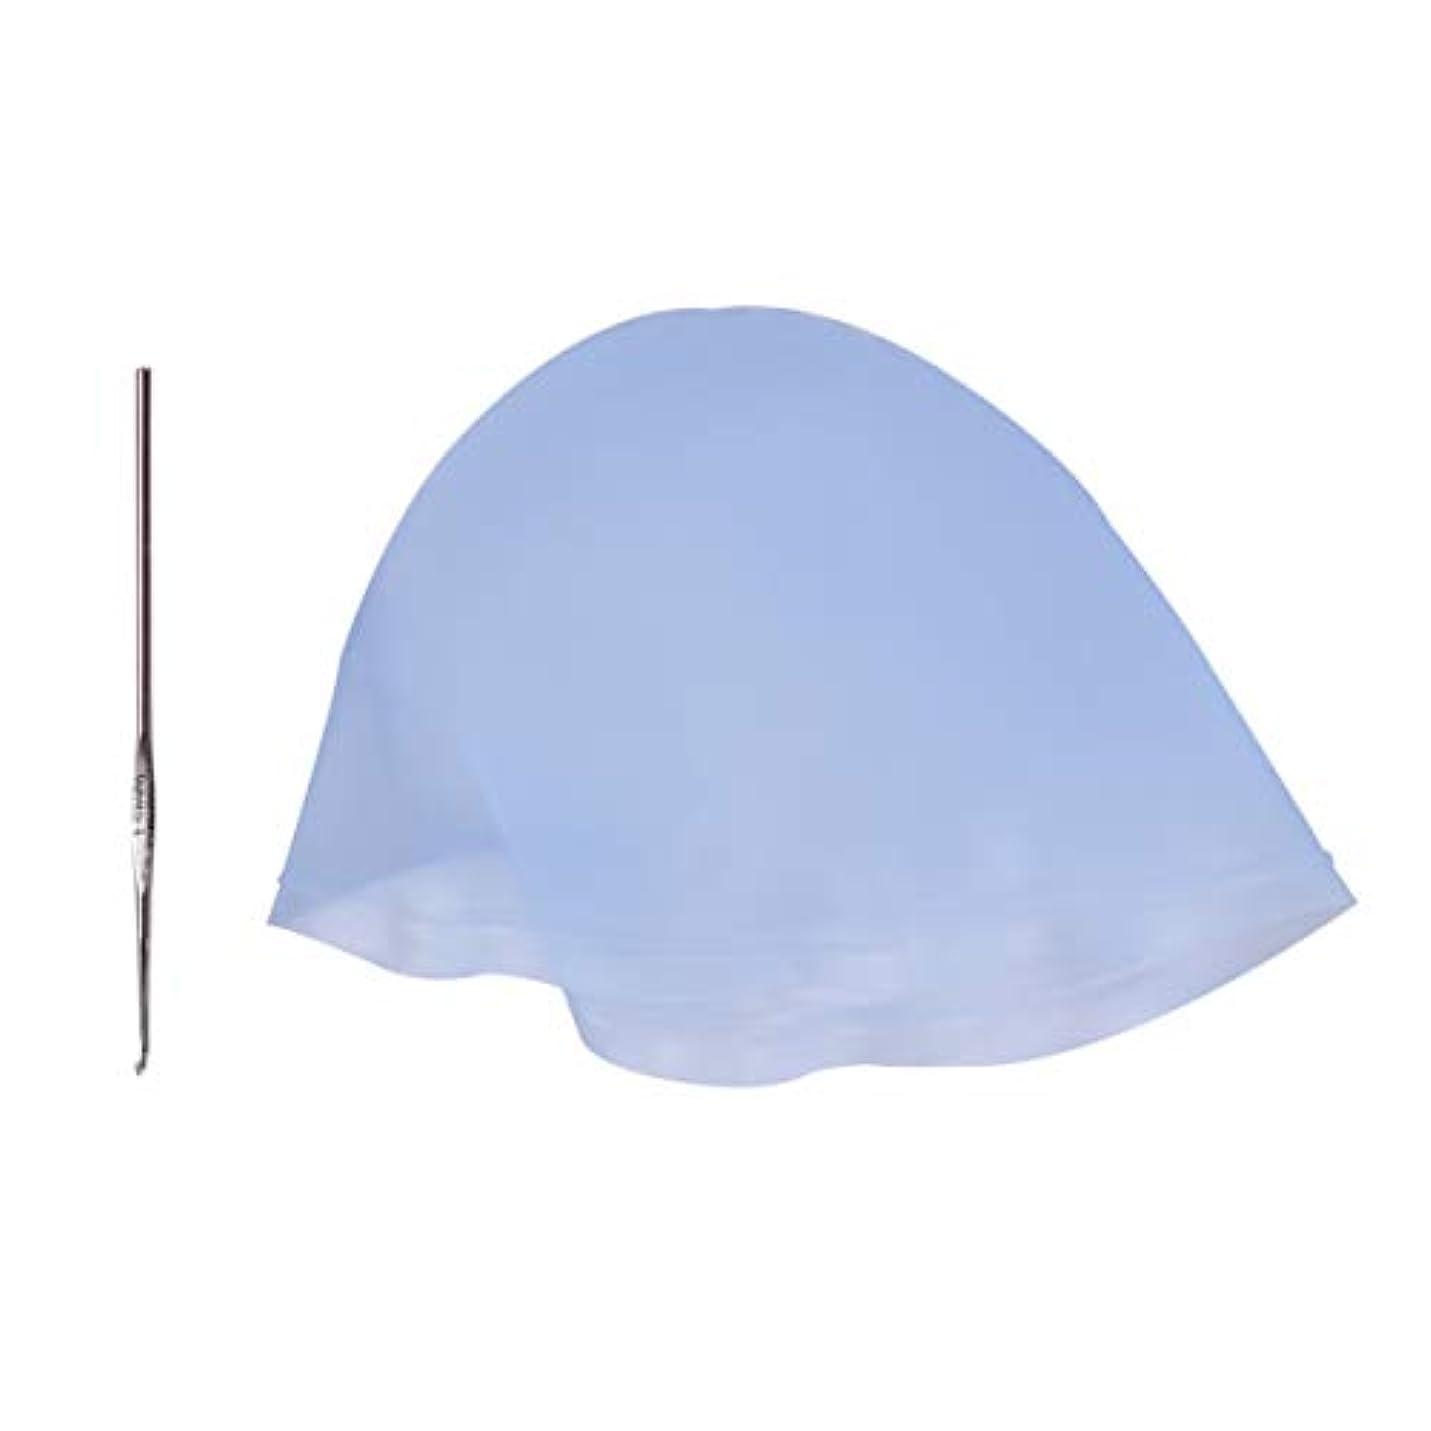 くびれた被害者ドラマMinkissy ヘアカラーキャップフック付きシリコーン着色キャップ再利用可能なハイライトキャップ大人女性男性ヘアサロン理髪ツール3セットを染色(スカイブルー)